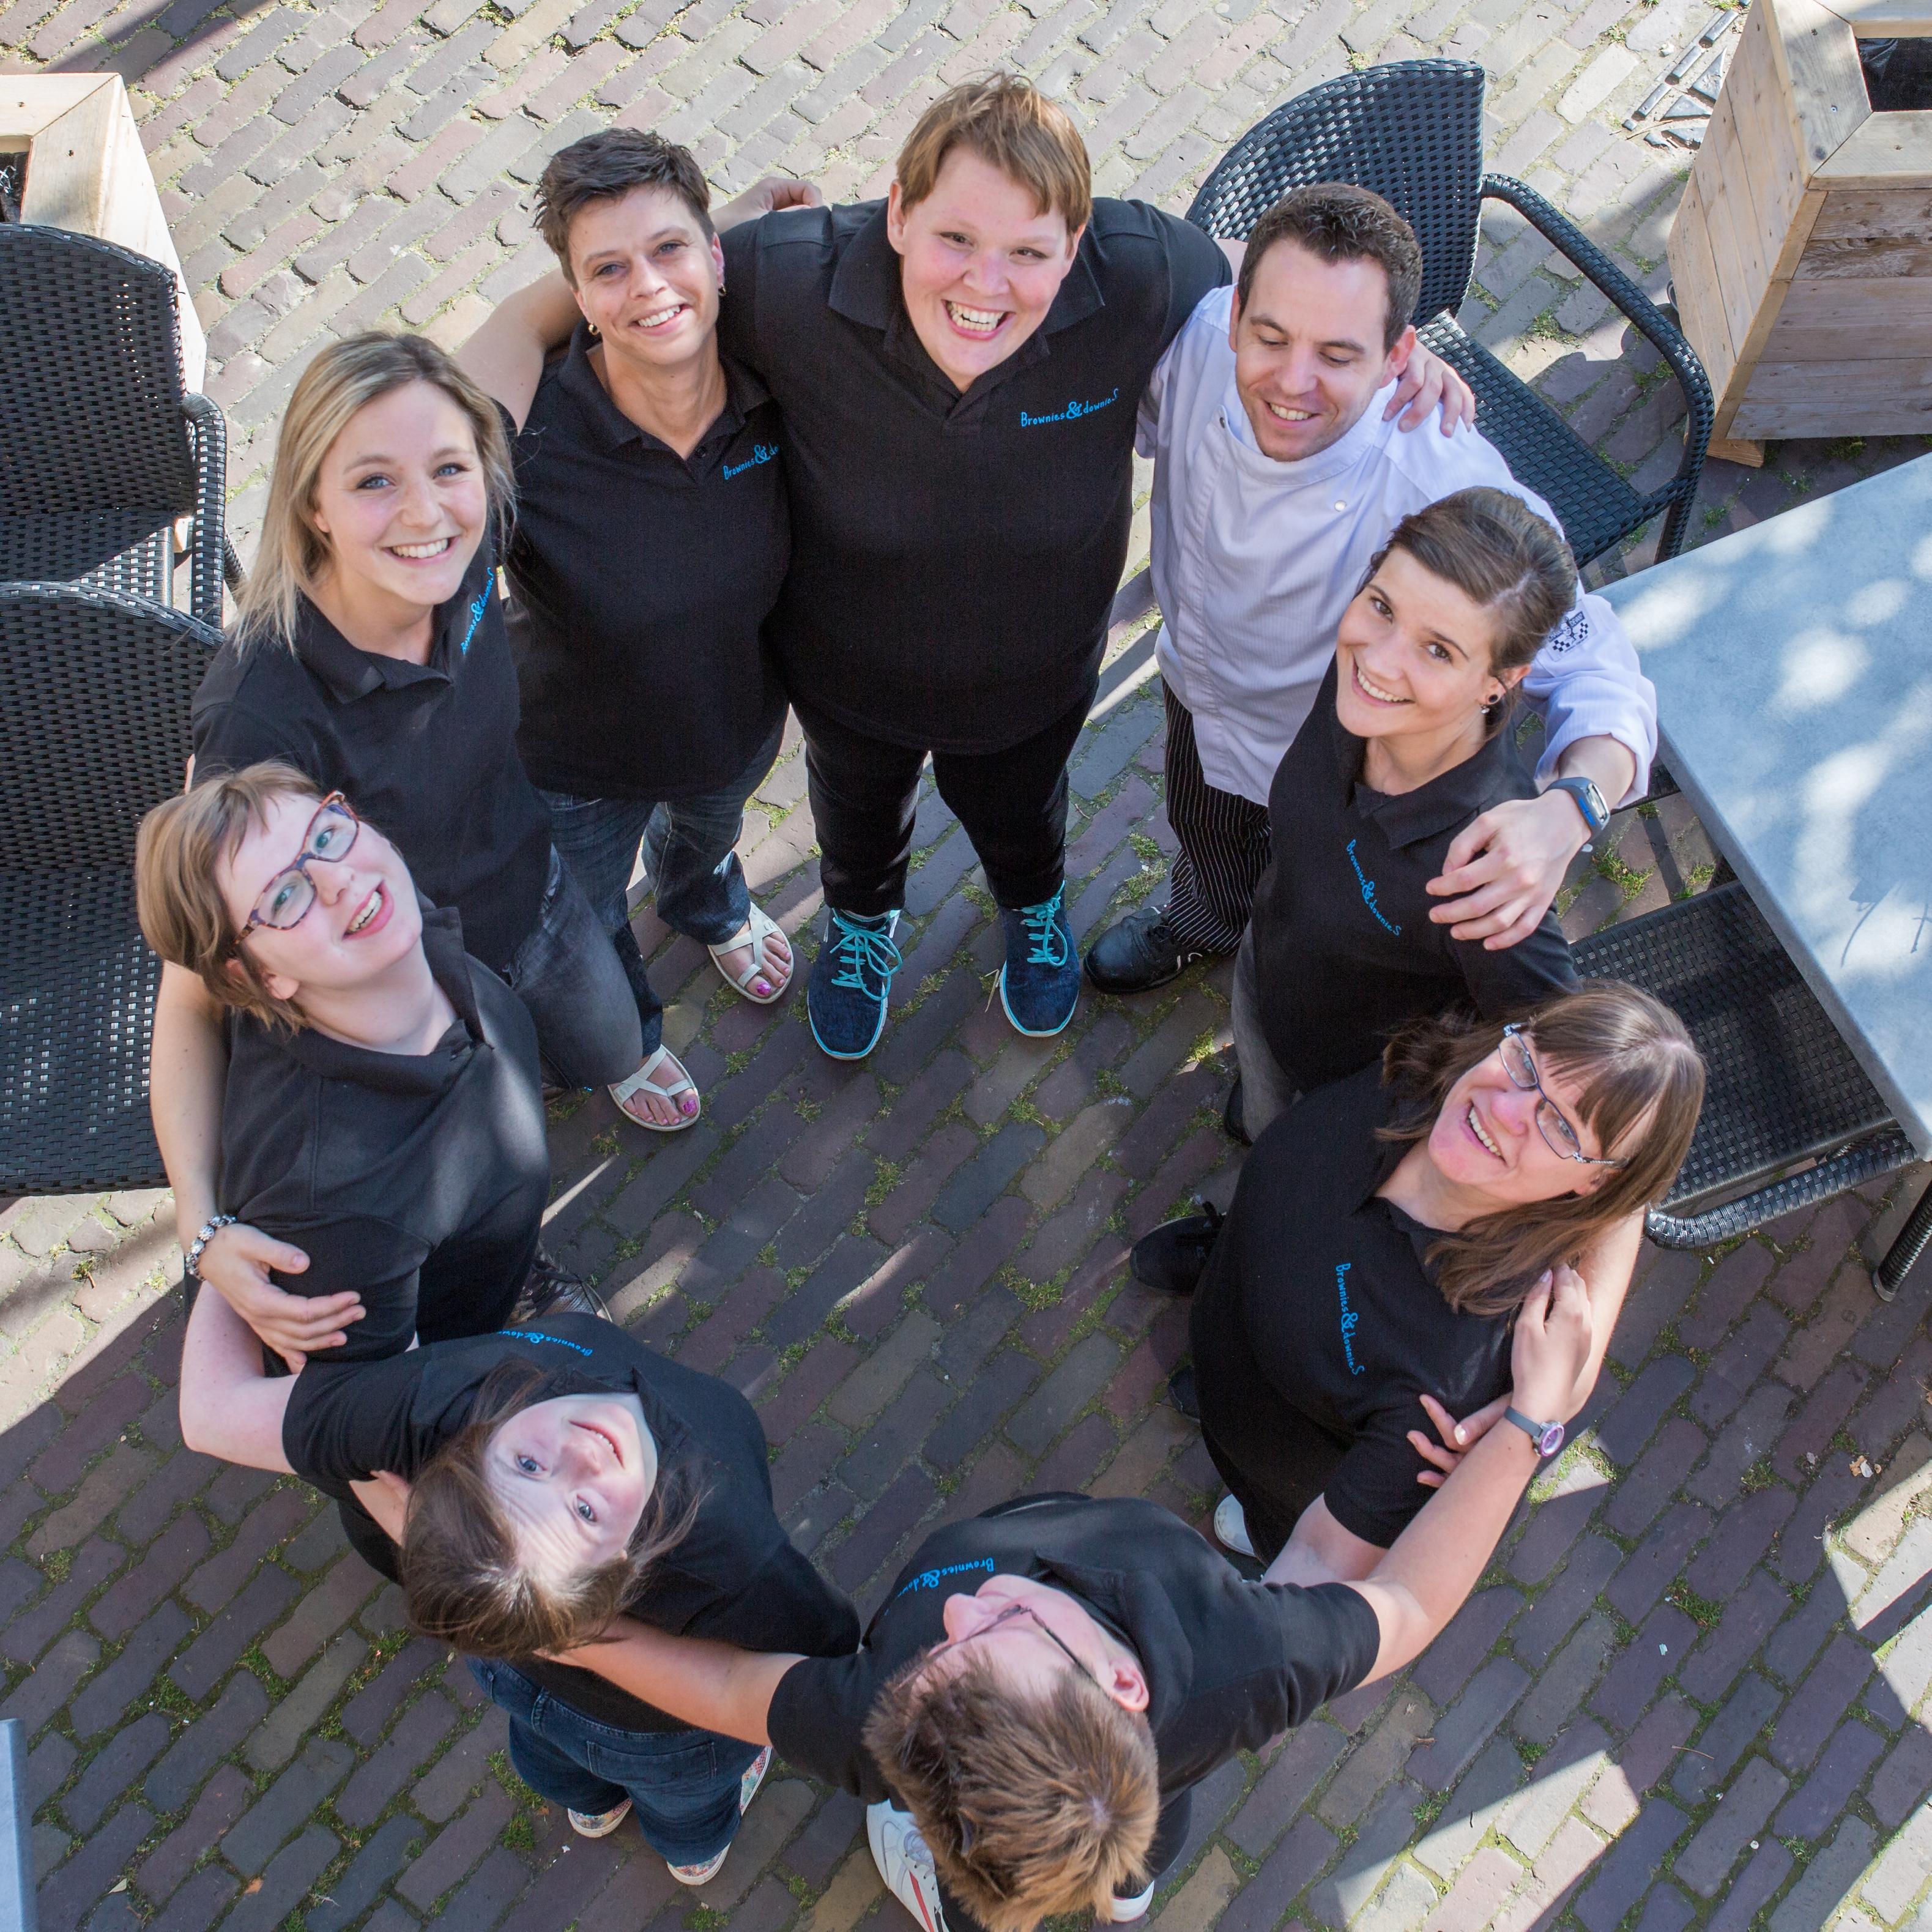 Brownies_downieS_Baarle_Team